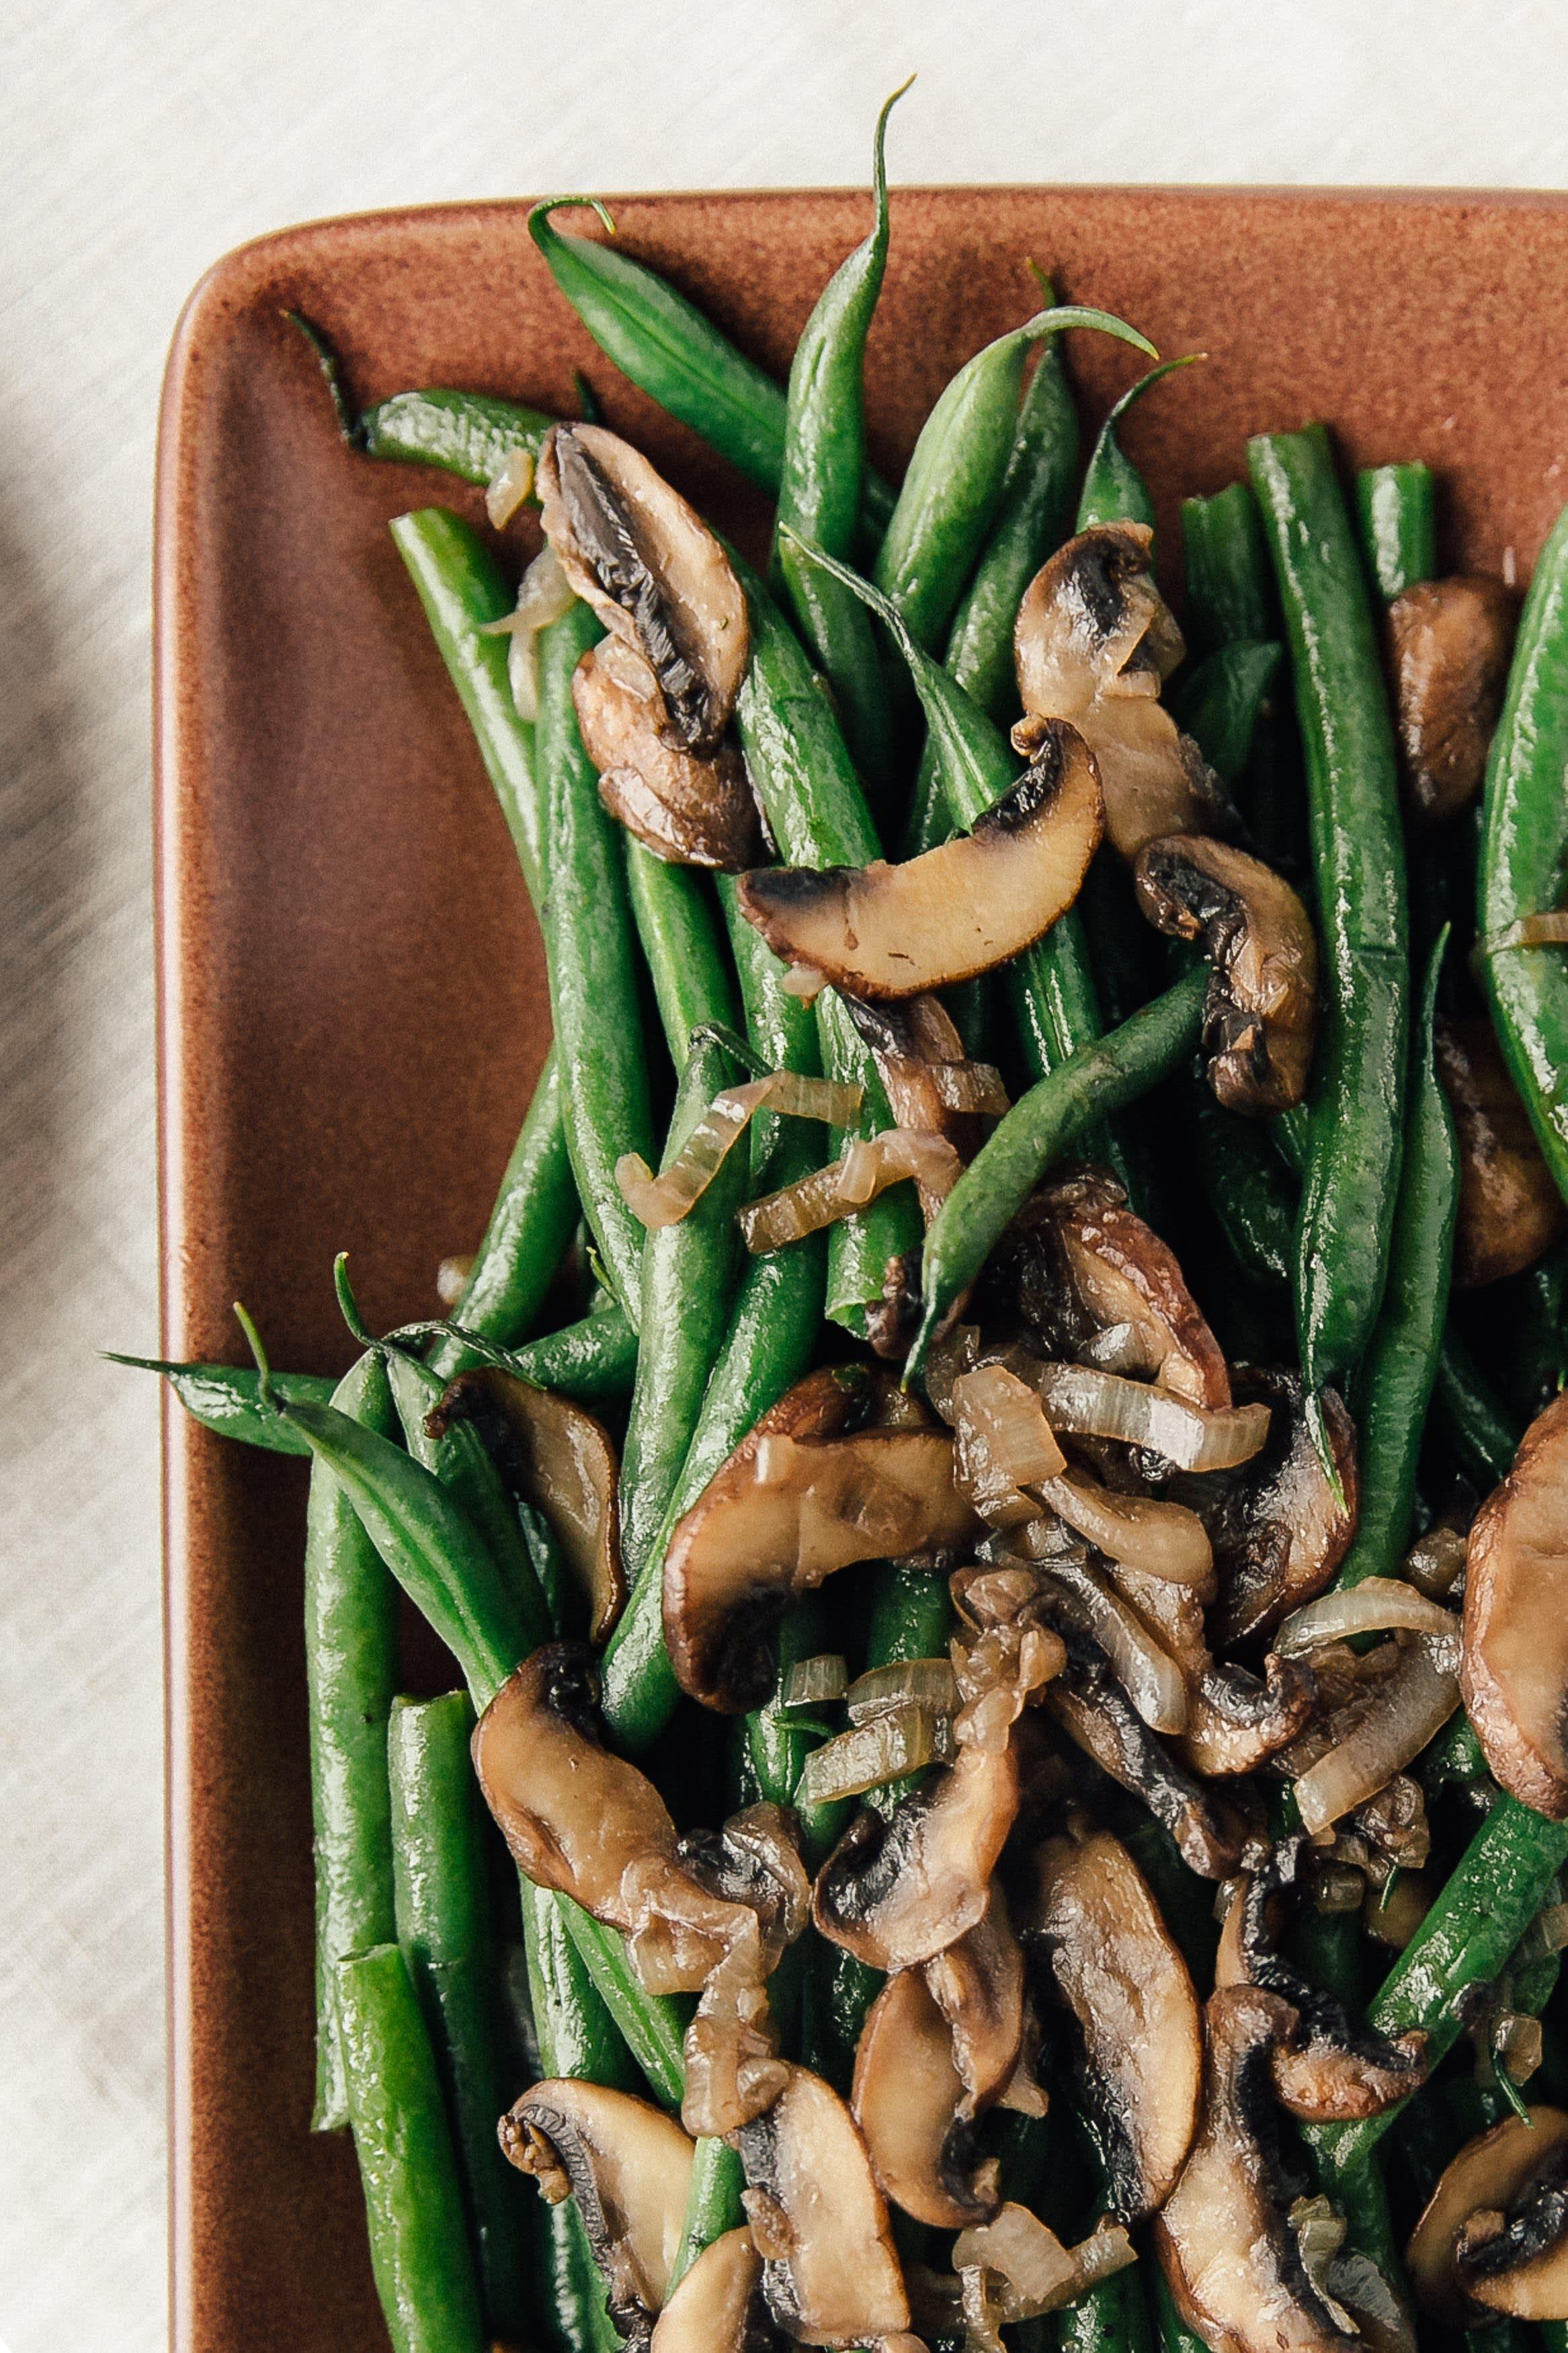 Steam-Fried Green Beans